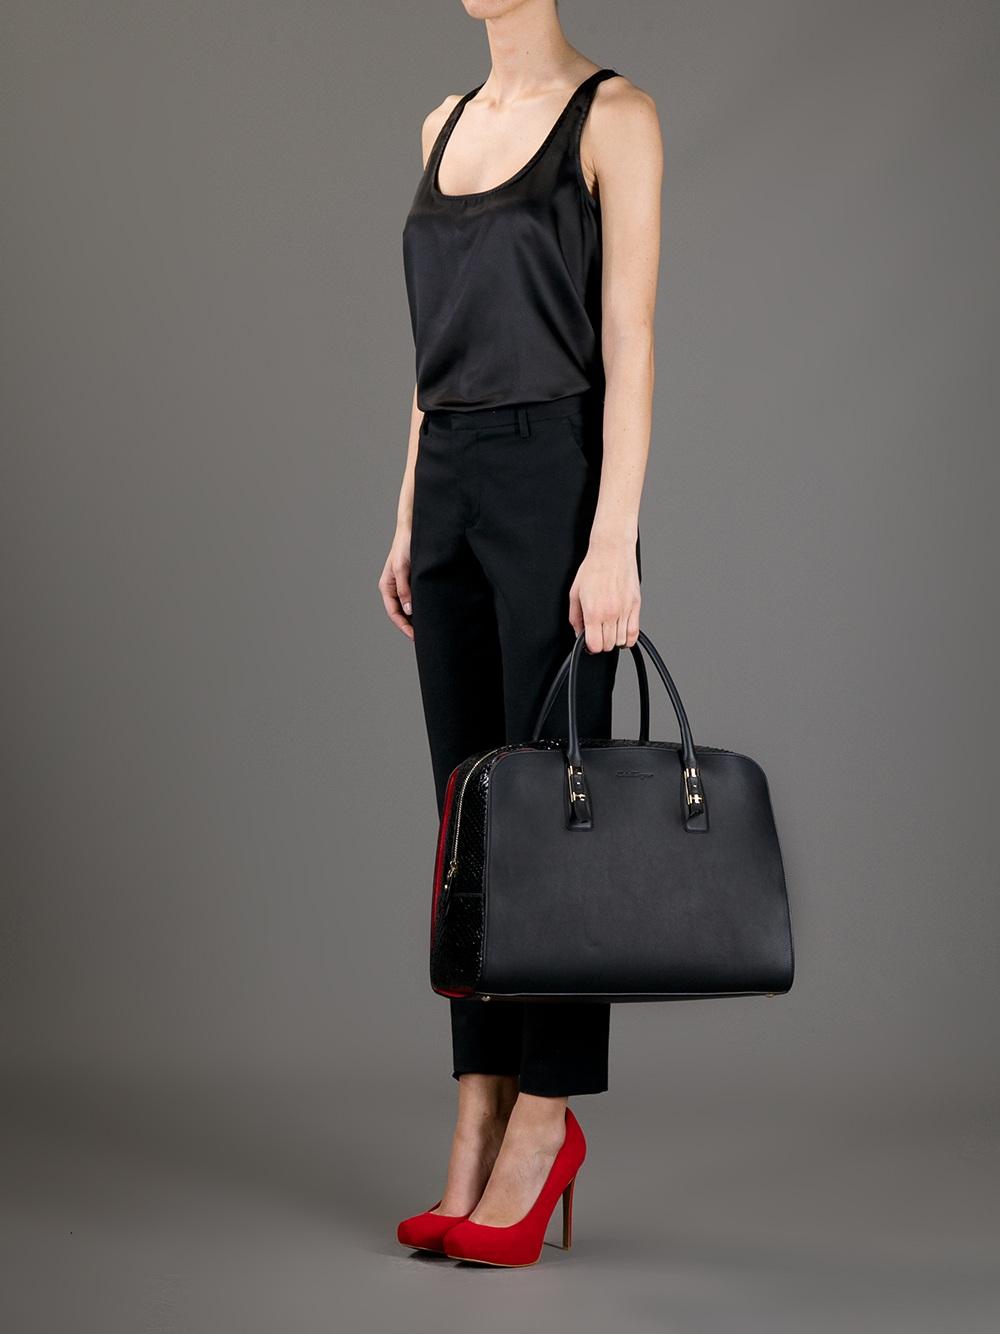 07e0ed1014f5 Lyst - Ferragamo Emmy Bag in Black